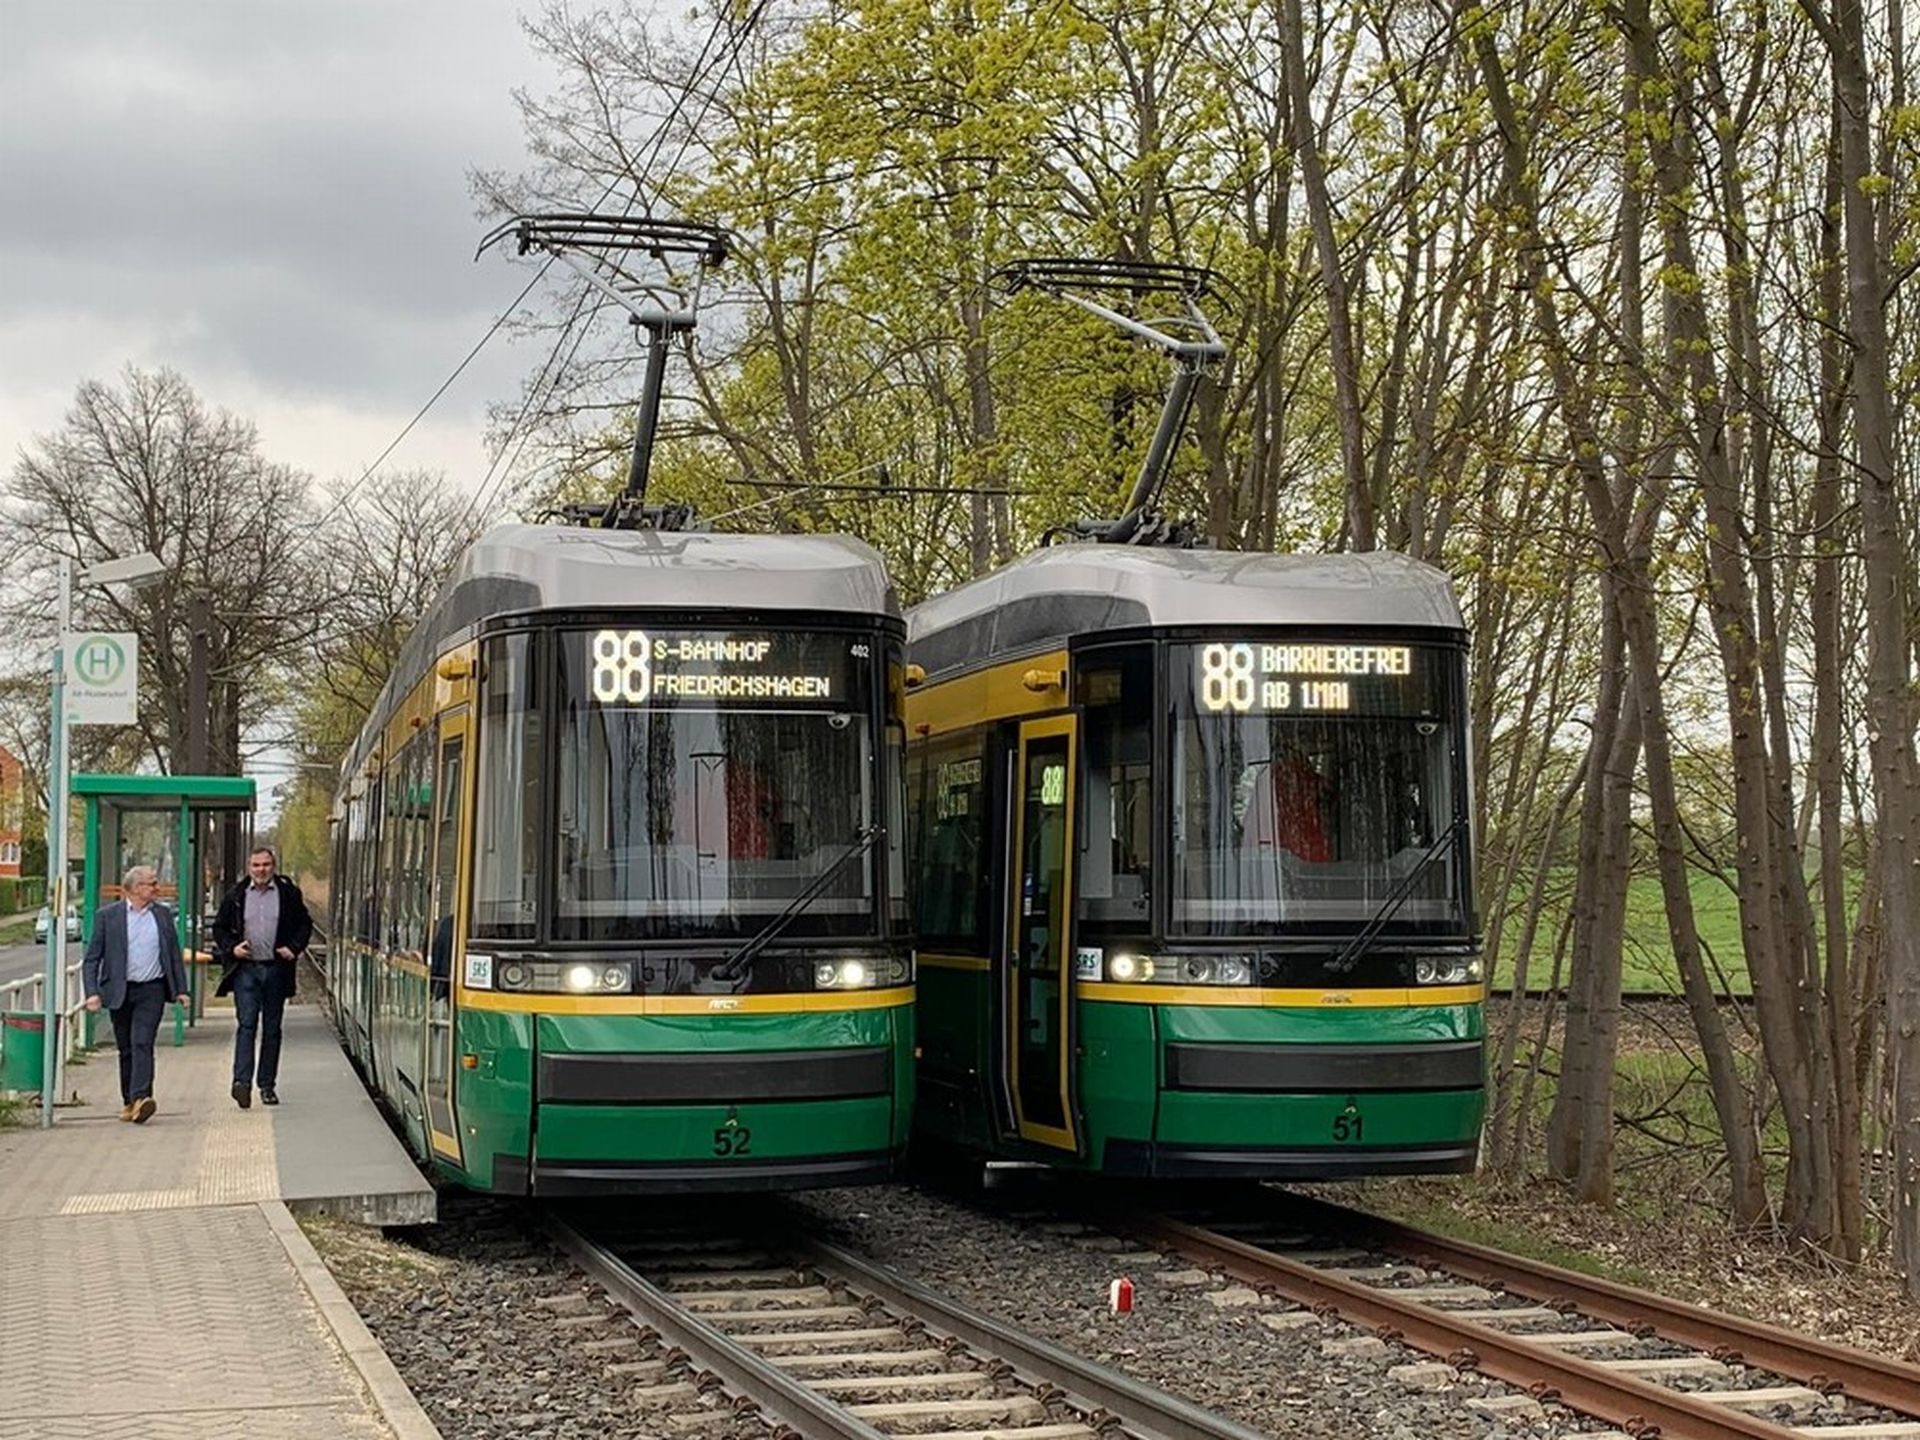 Tramvaj ForCity Smart Artic X34 v německém městě Schöneiche. Foto: Škoda Transtech